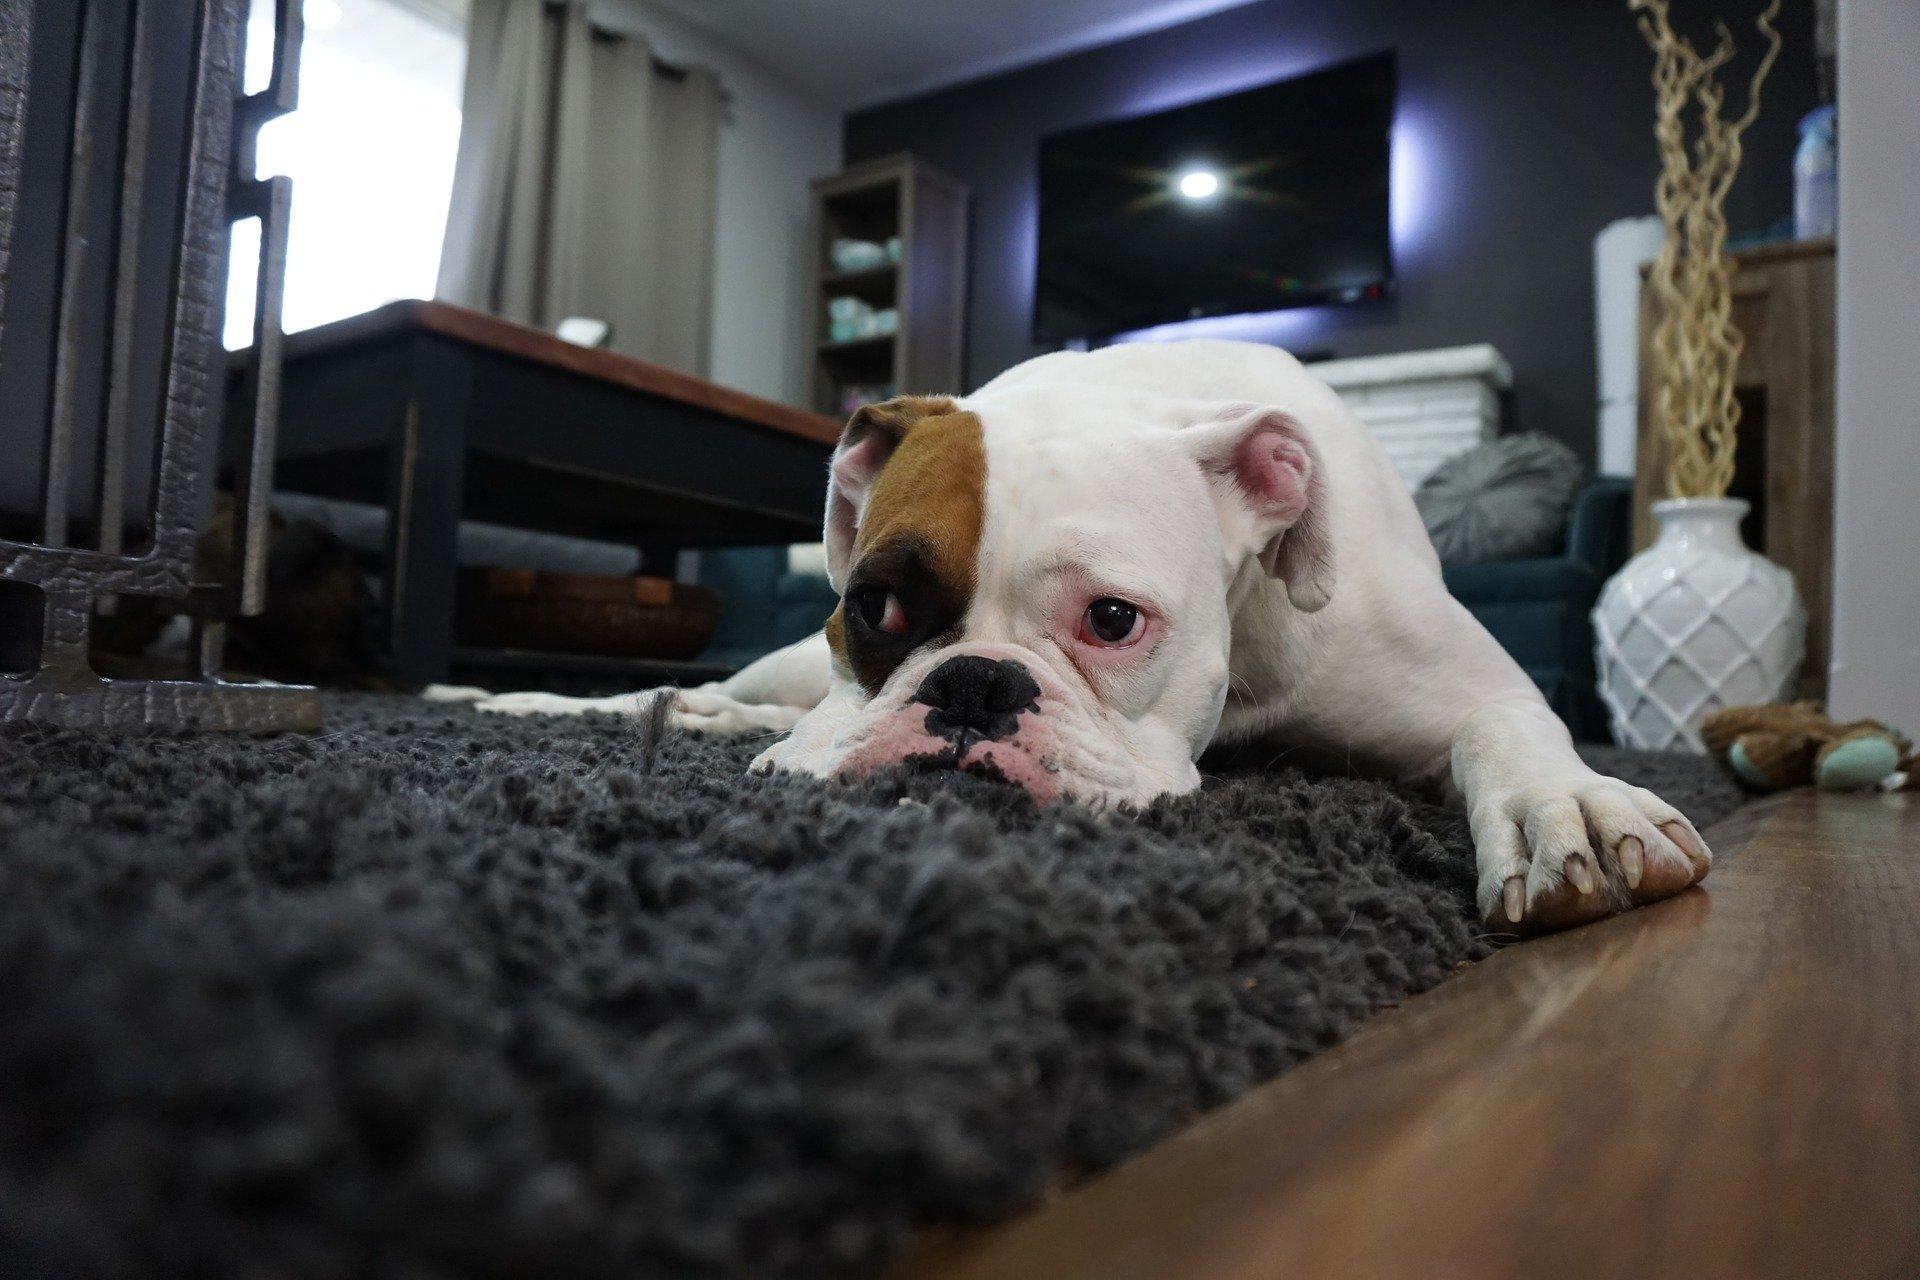 Biegunka u psa to zwykle objaw zatrucia pokarmowego. Niekiedy jednak może świadczyć o rozwoju poważnej choroby.